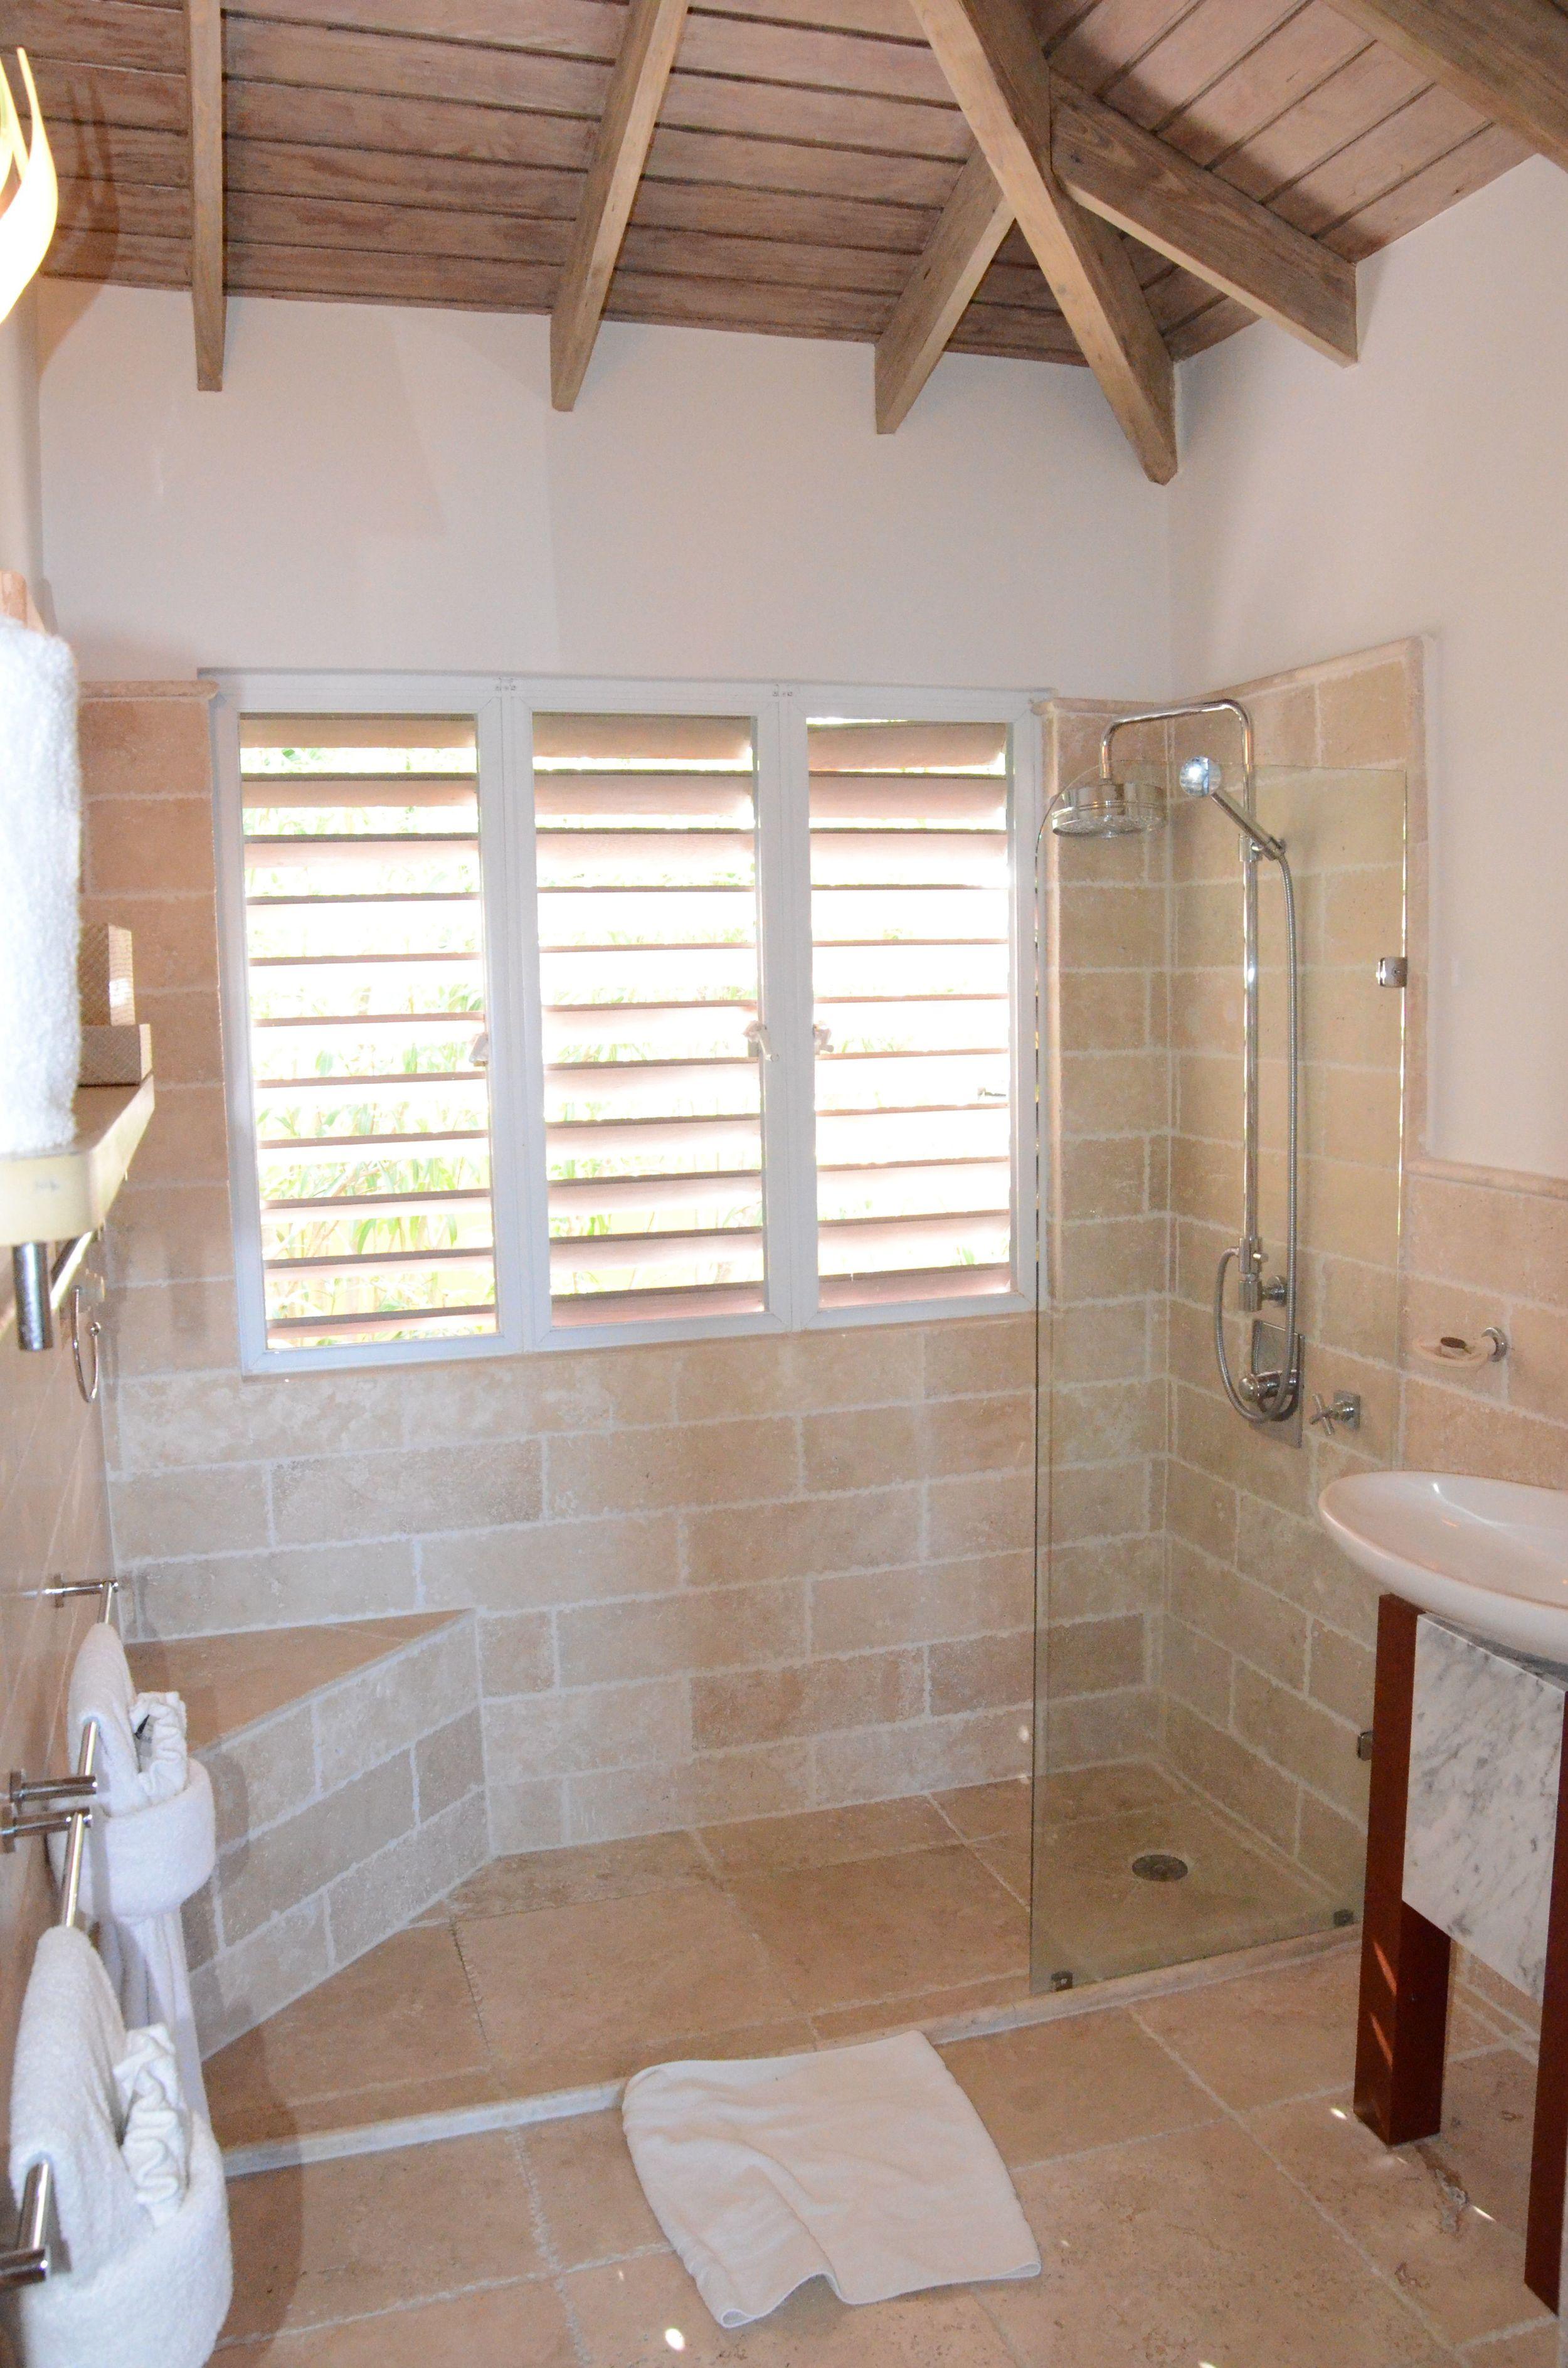 Frenchmans Bathroom.jpg